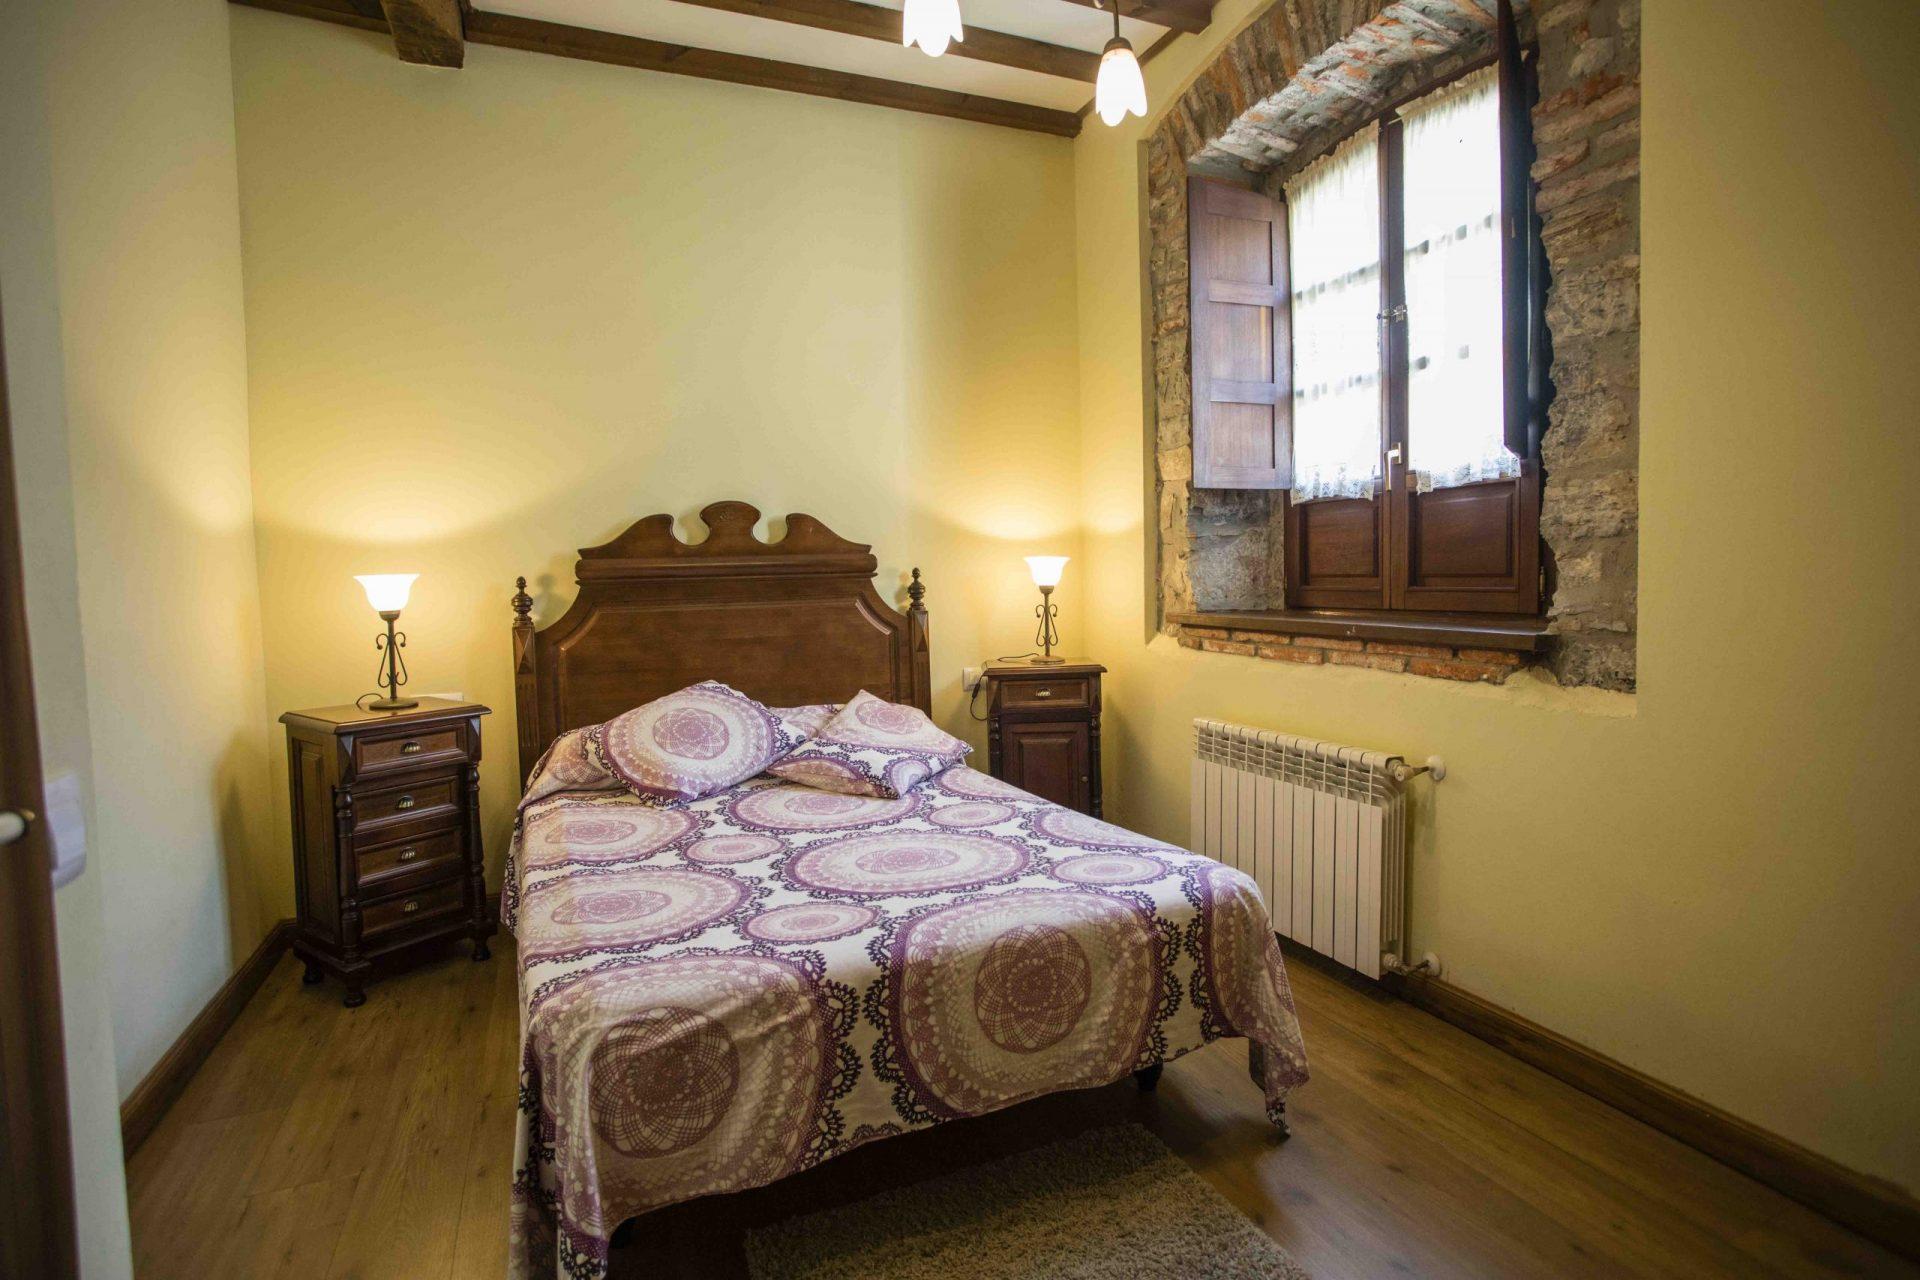 Casa rural en Llanes Asturias La Boleta. Estancia Rural Llanes dormitorio matrimonial. Tlfno 620 72 42 79